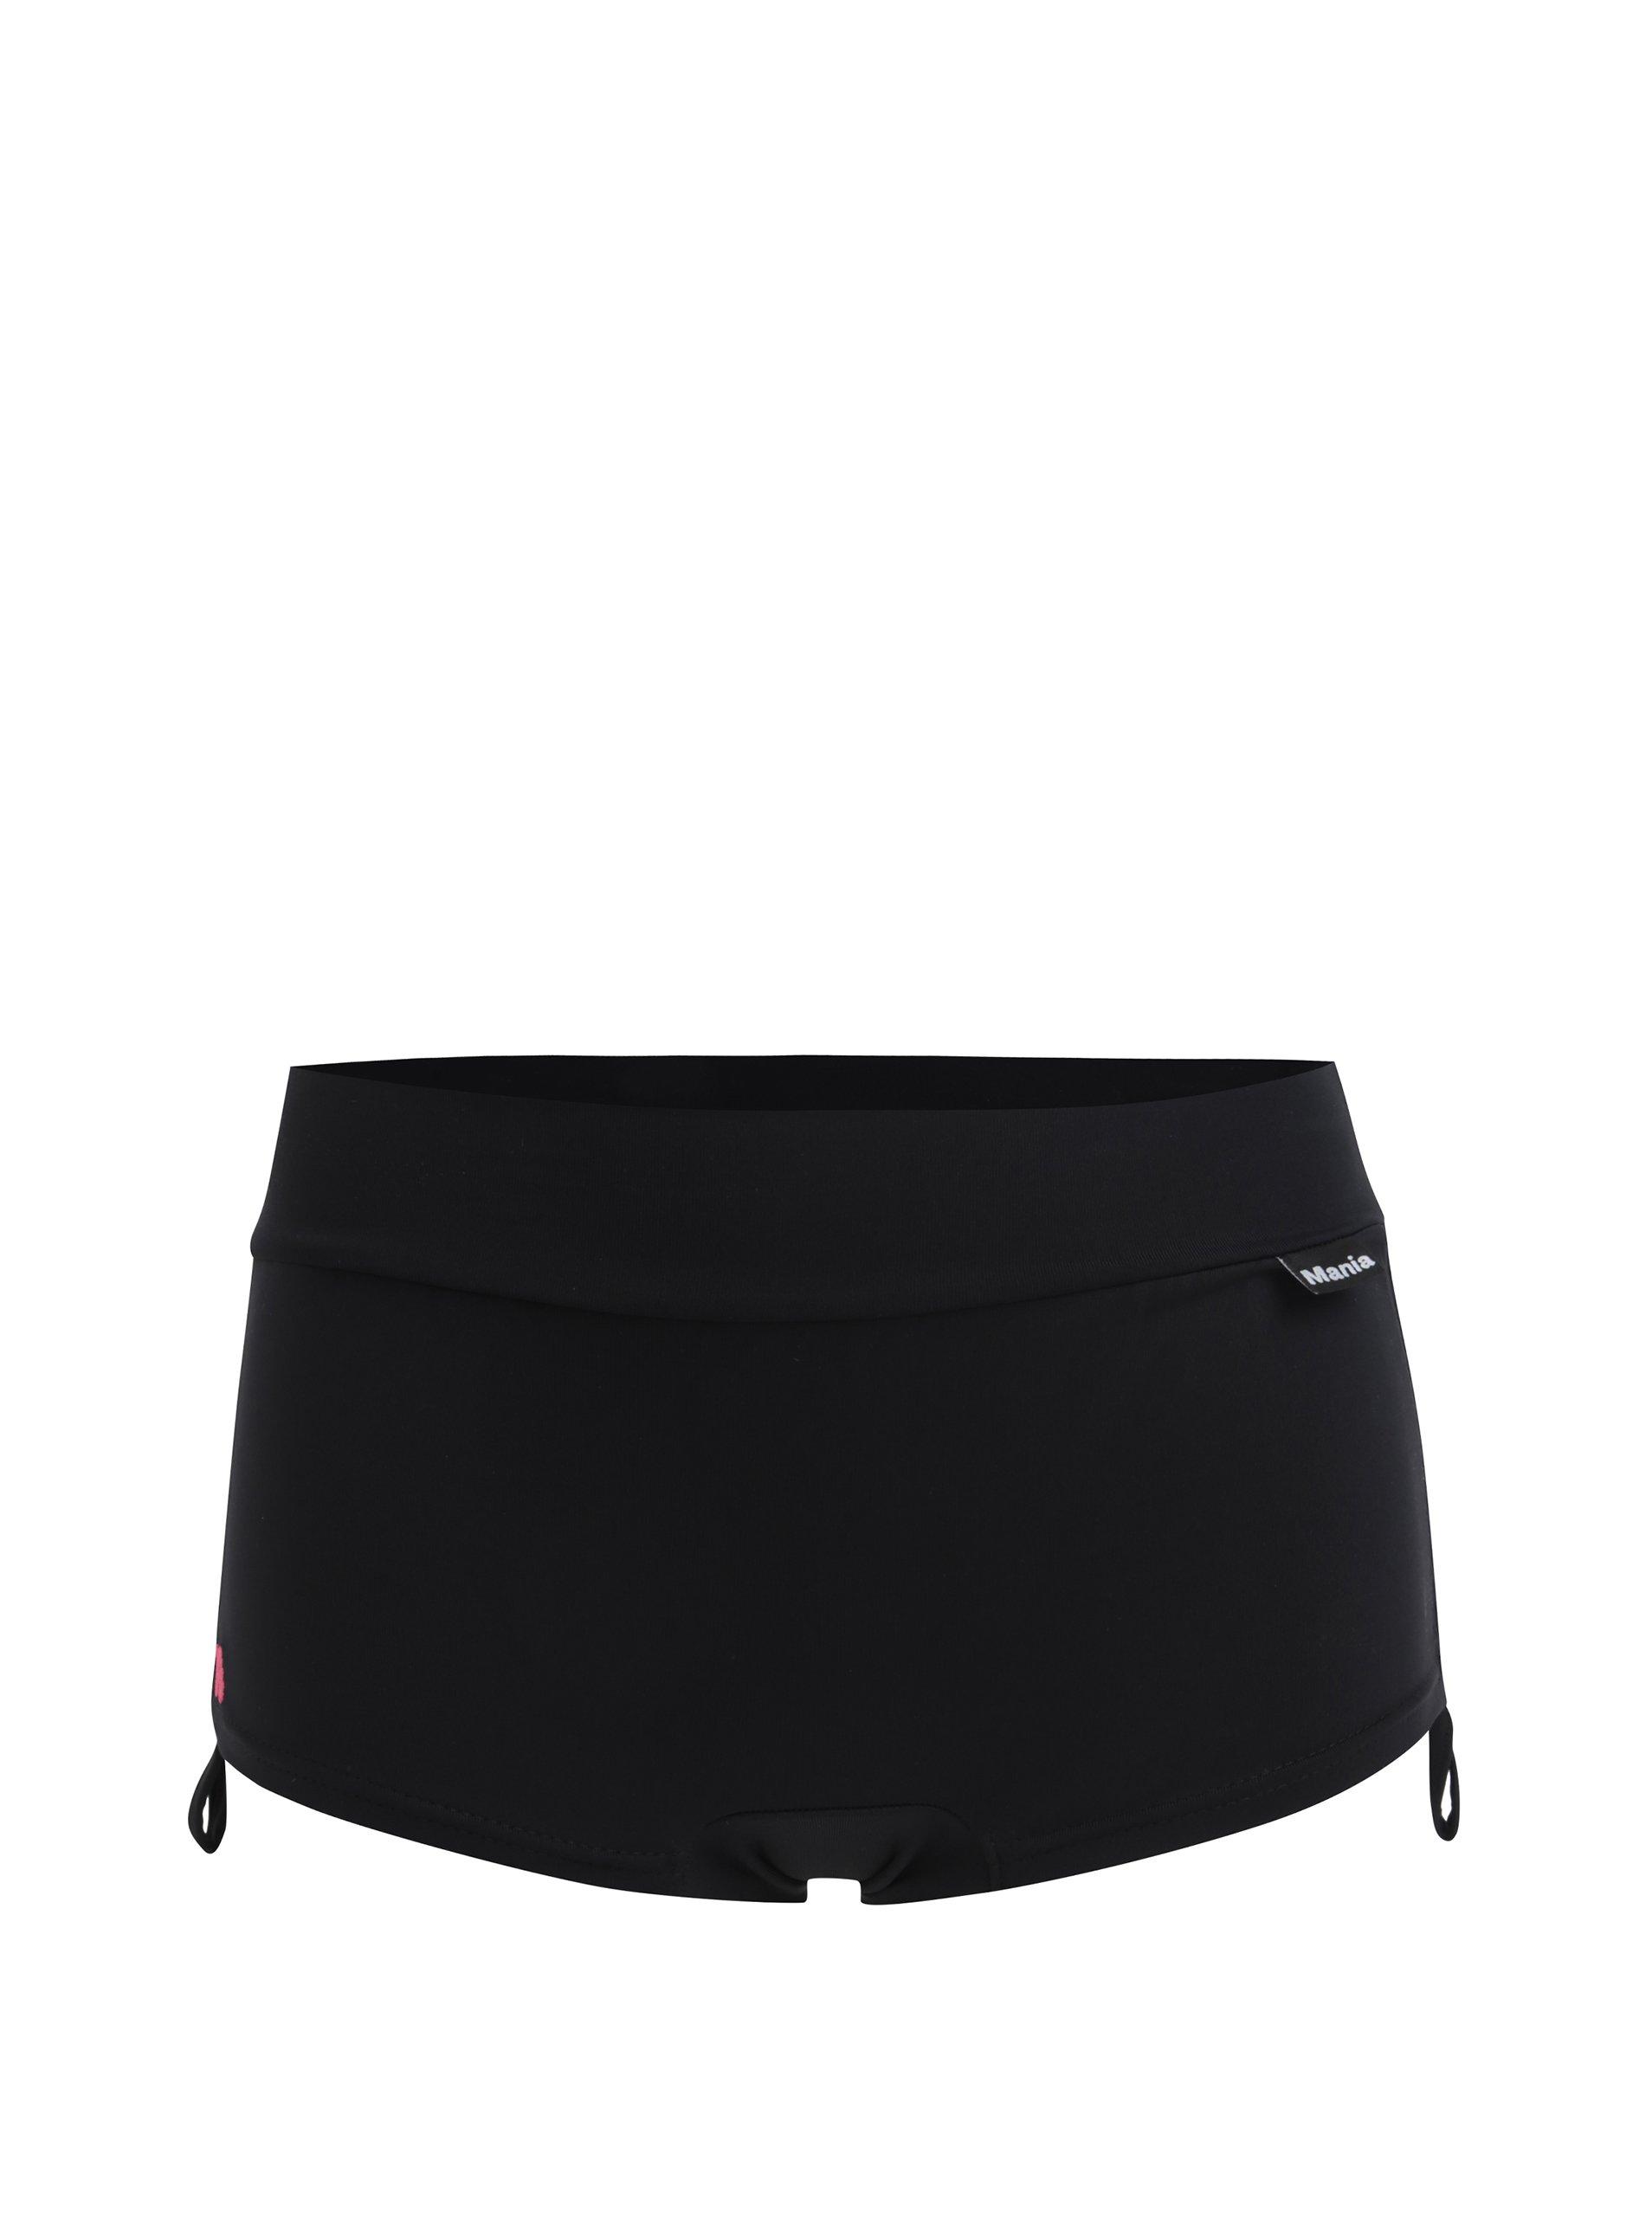 Čierne športové kraťasy so sťahovaním na bokoch Mania fitness wear Embrace